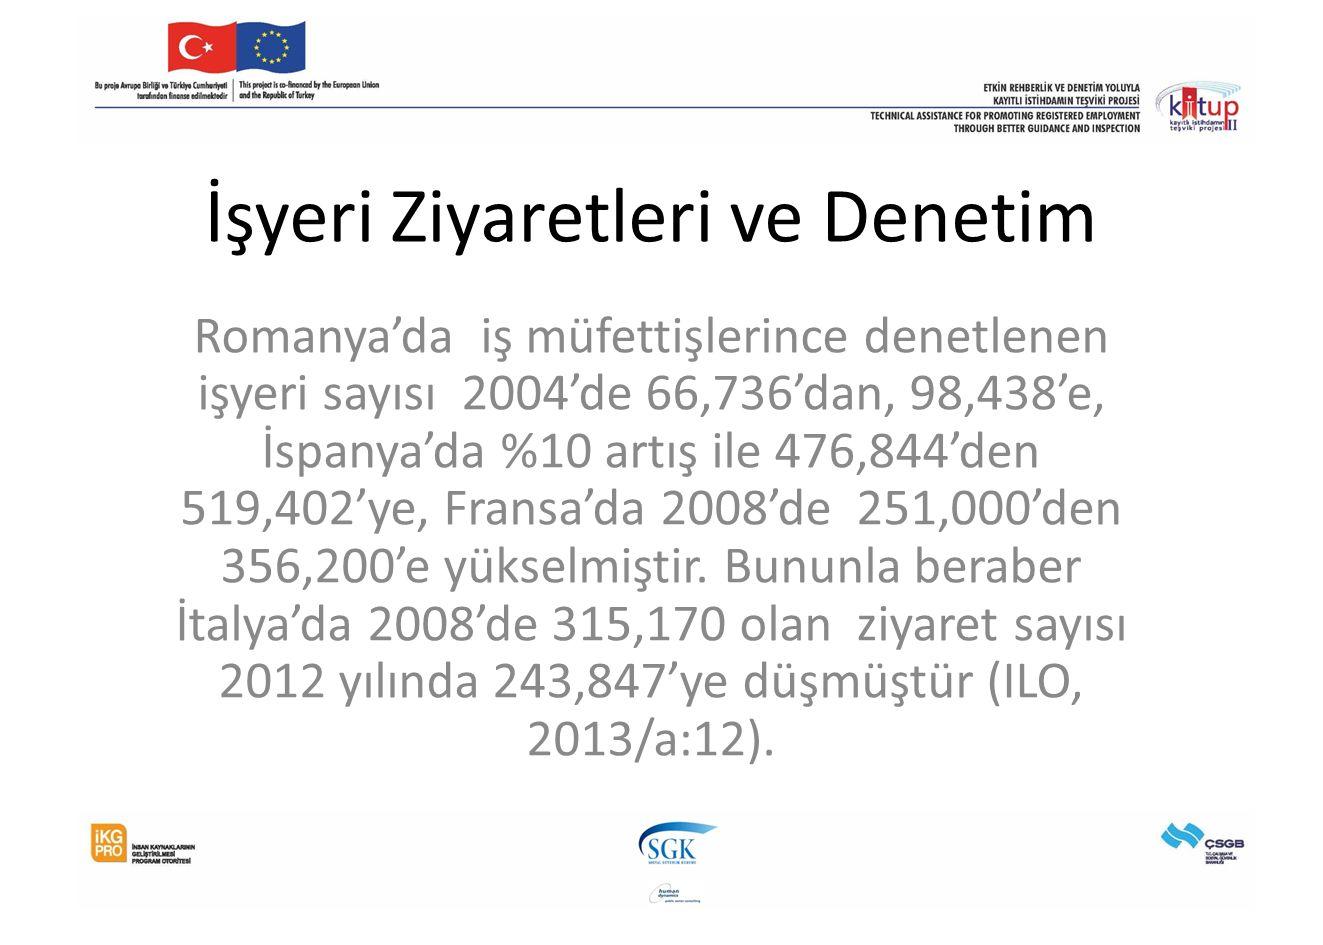 İşyeri Ziyaretleri ve Denetim Romanya'da iş müfettişlerince denetlenen işyeri sayısı 2004'de 66,736'dan, 98,438'e, İspanya'da %10 artış ile 476,844'den 519,402'ye, Fransa'da 2008'de 251,000'den 356,200'e yükselmiştir.